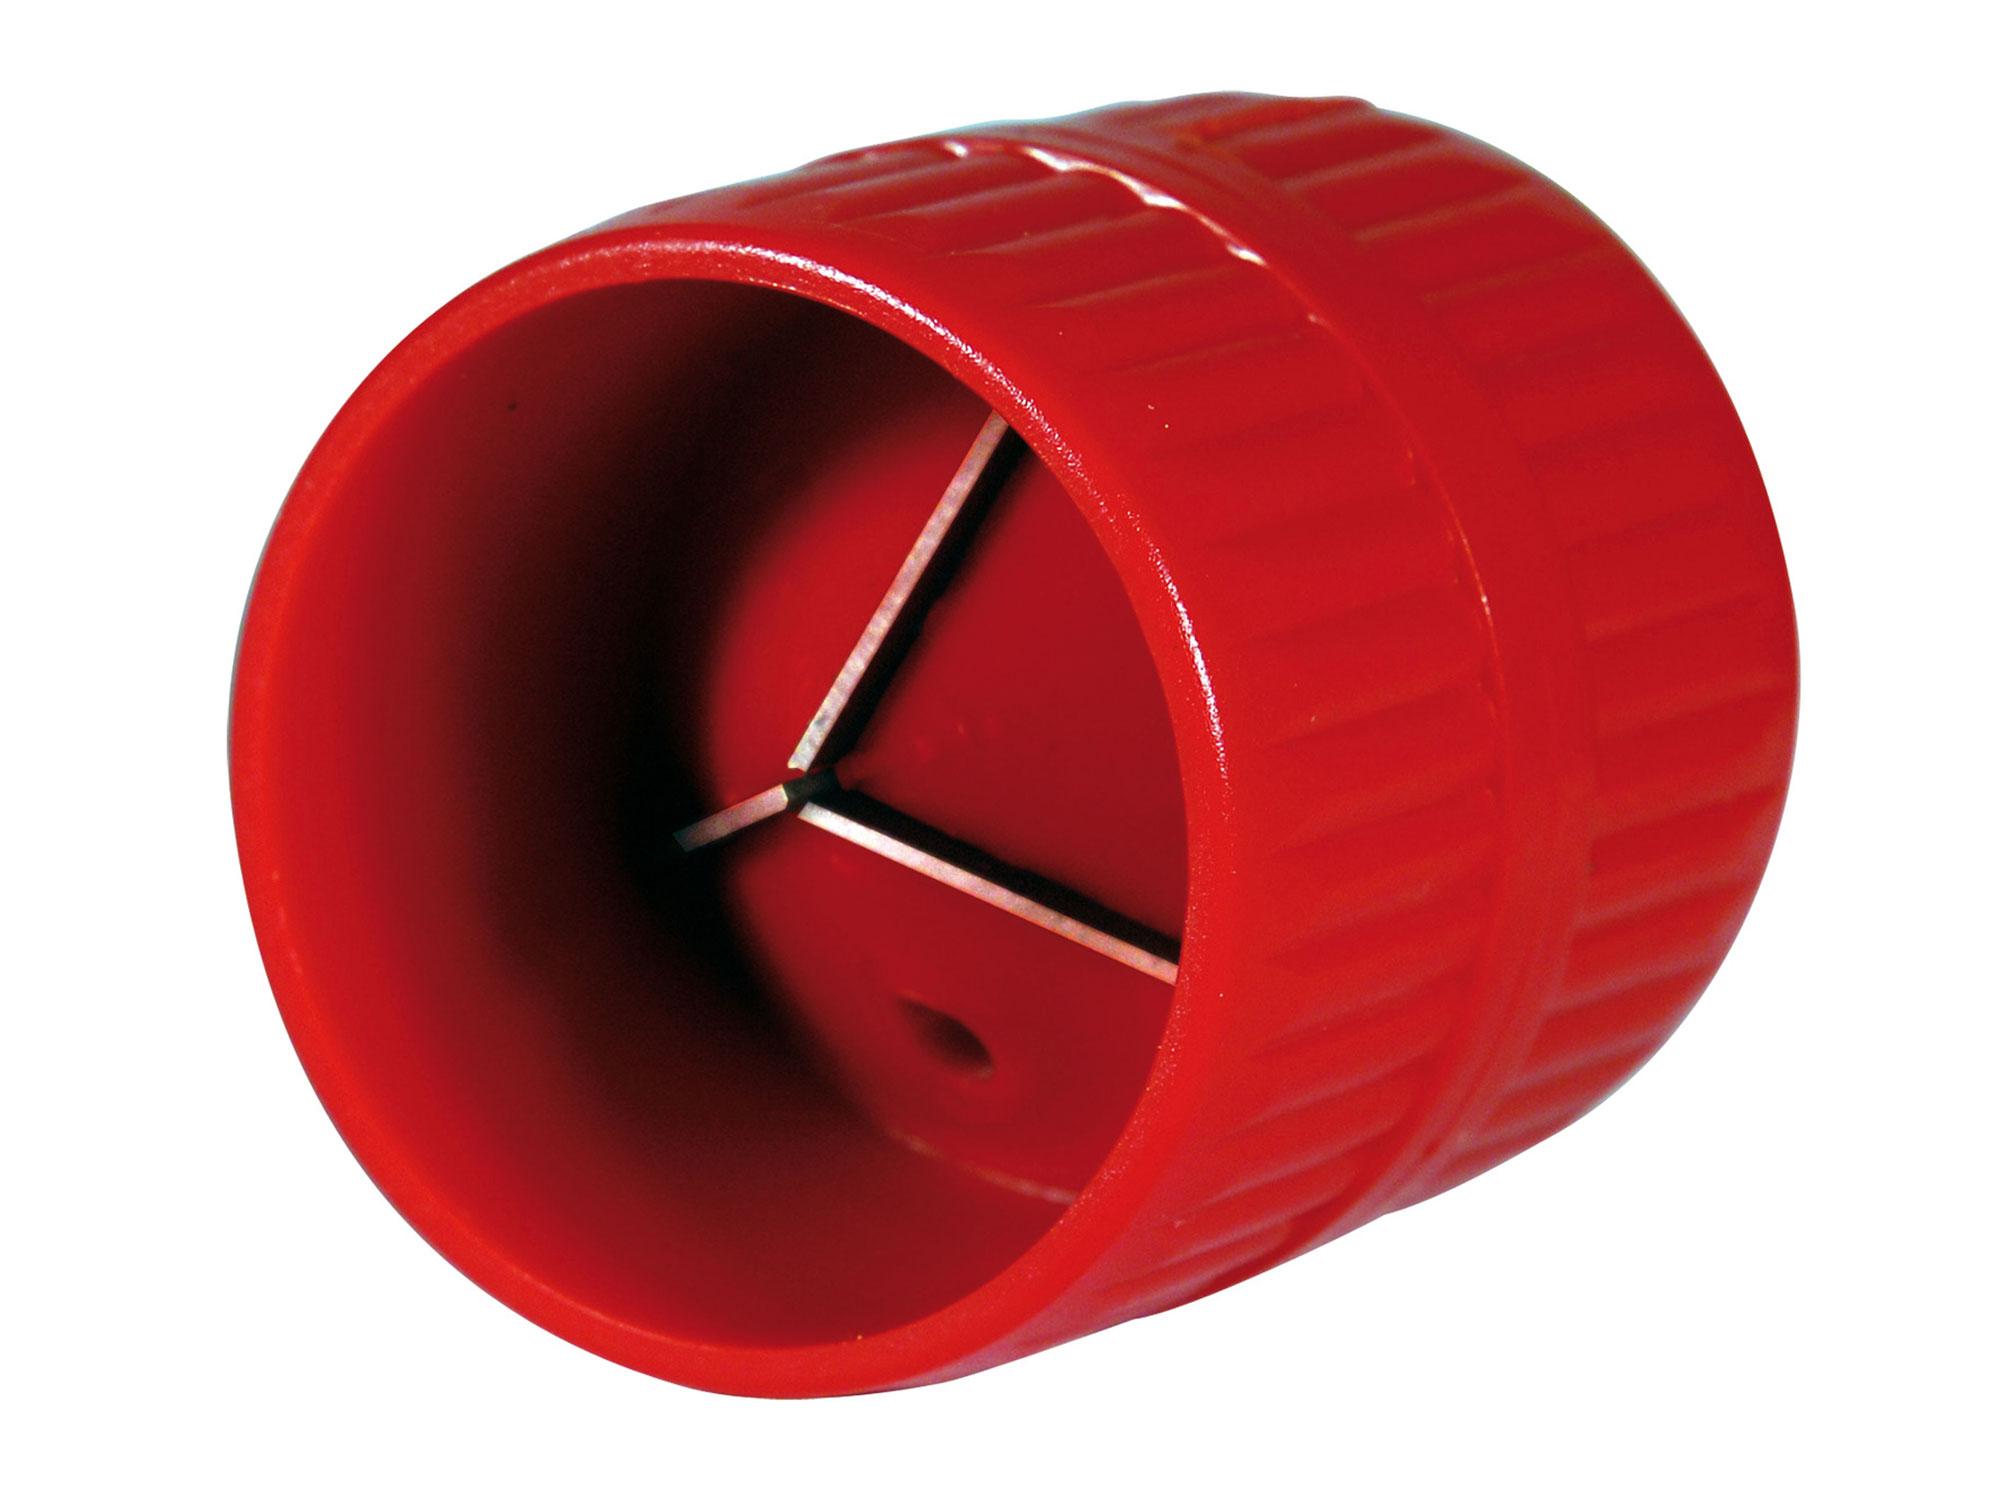 Odhrotovač trubek vnitřní i vnější, plastový, Ř4-38mm EXTOL PREMIUM 8848031